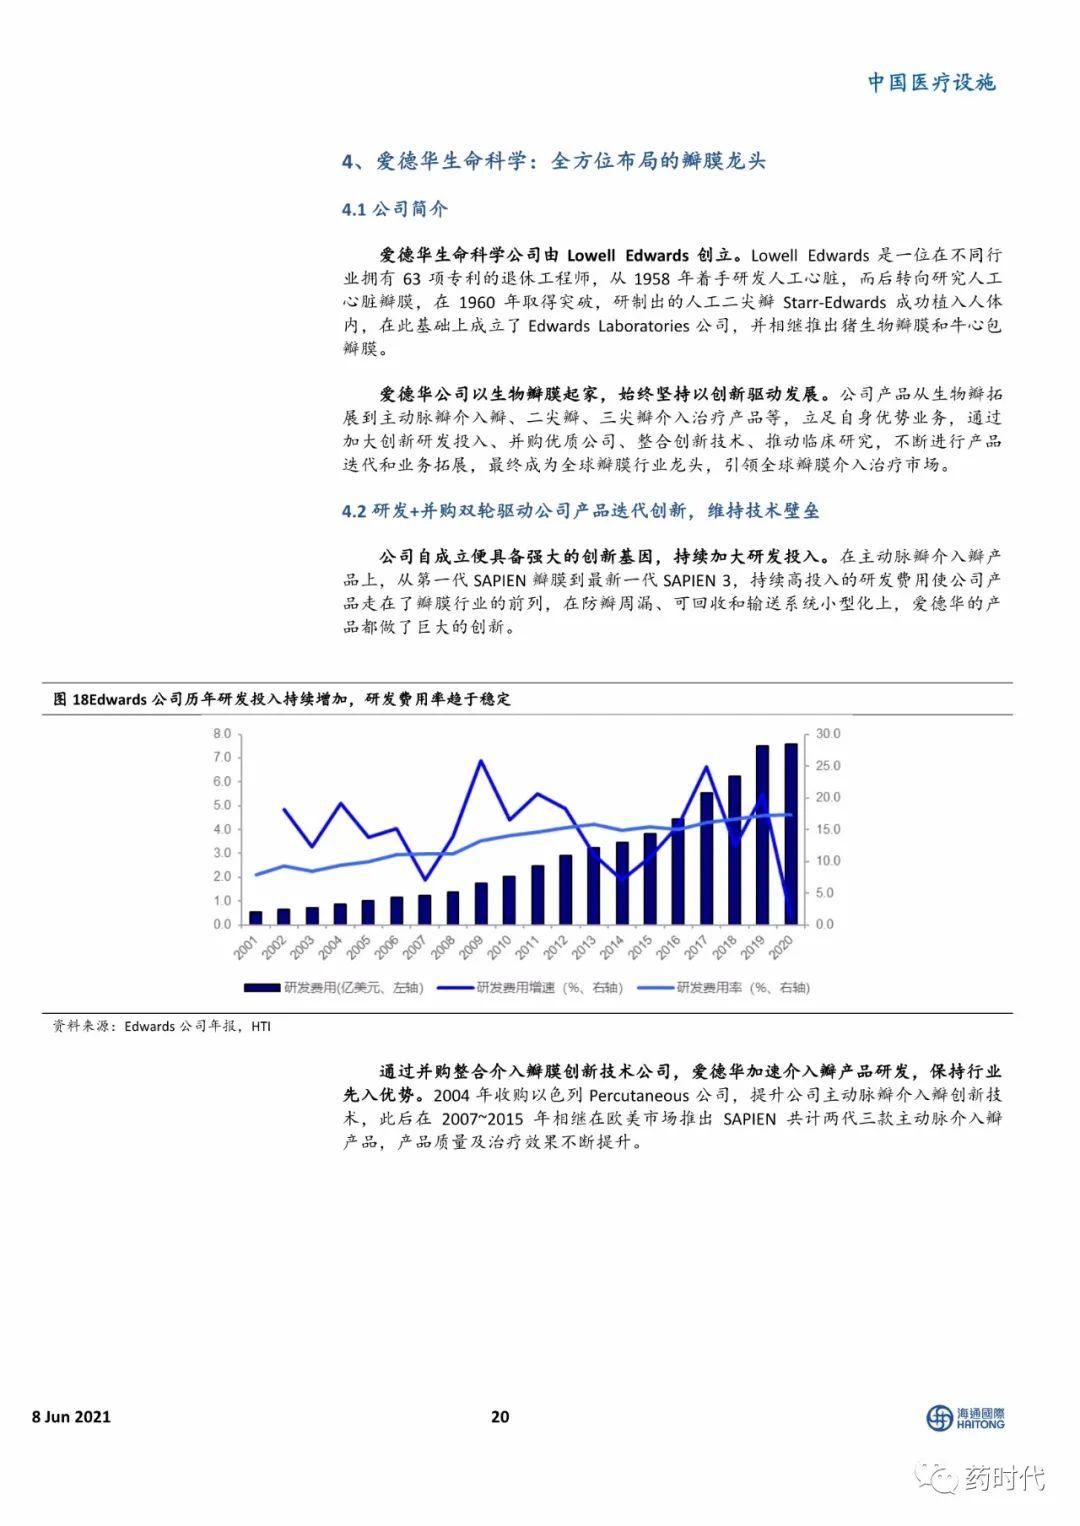 【海通医药】小瓣膜,大时代——二尖瓣、肺瓣行业研究